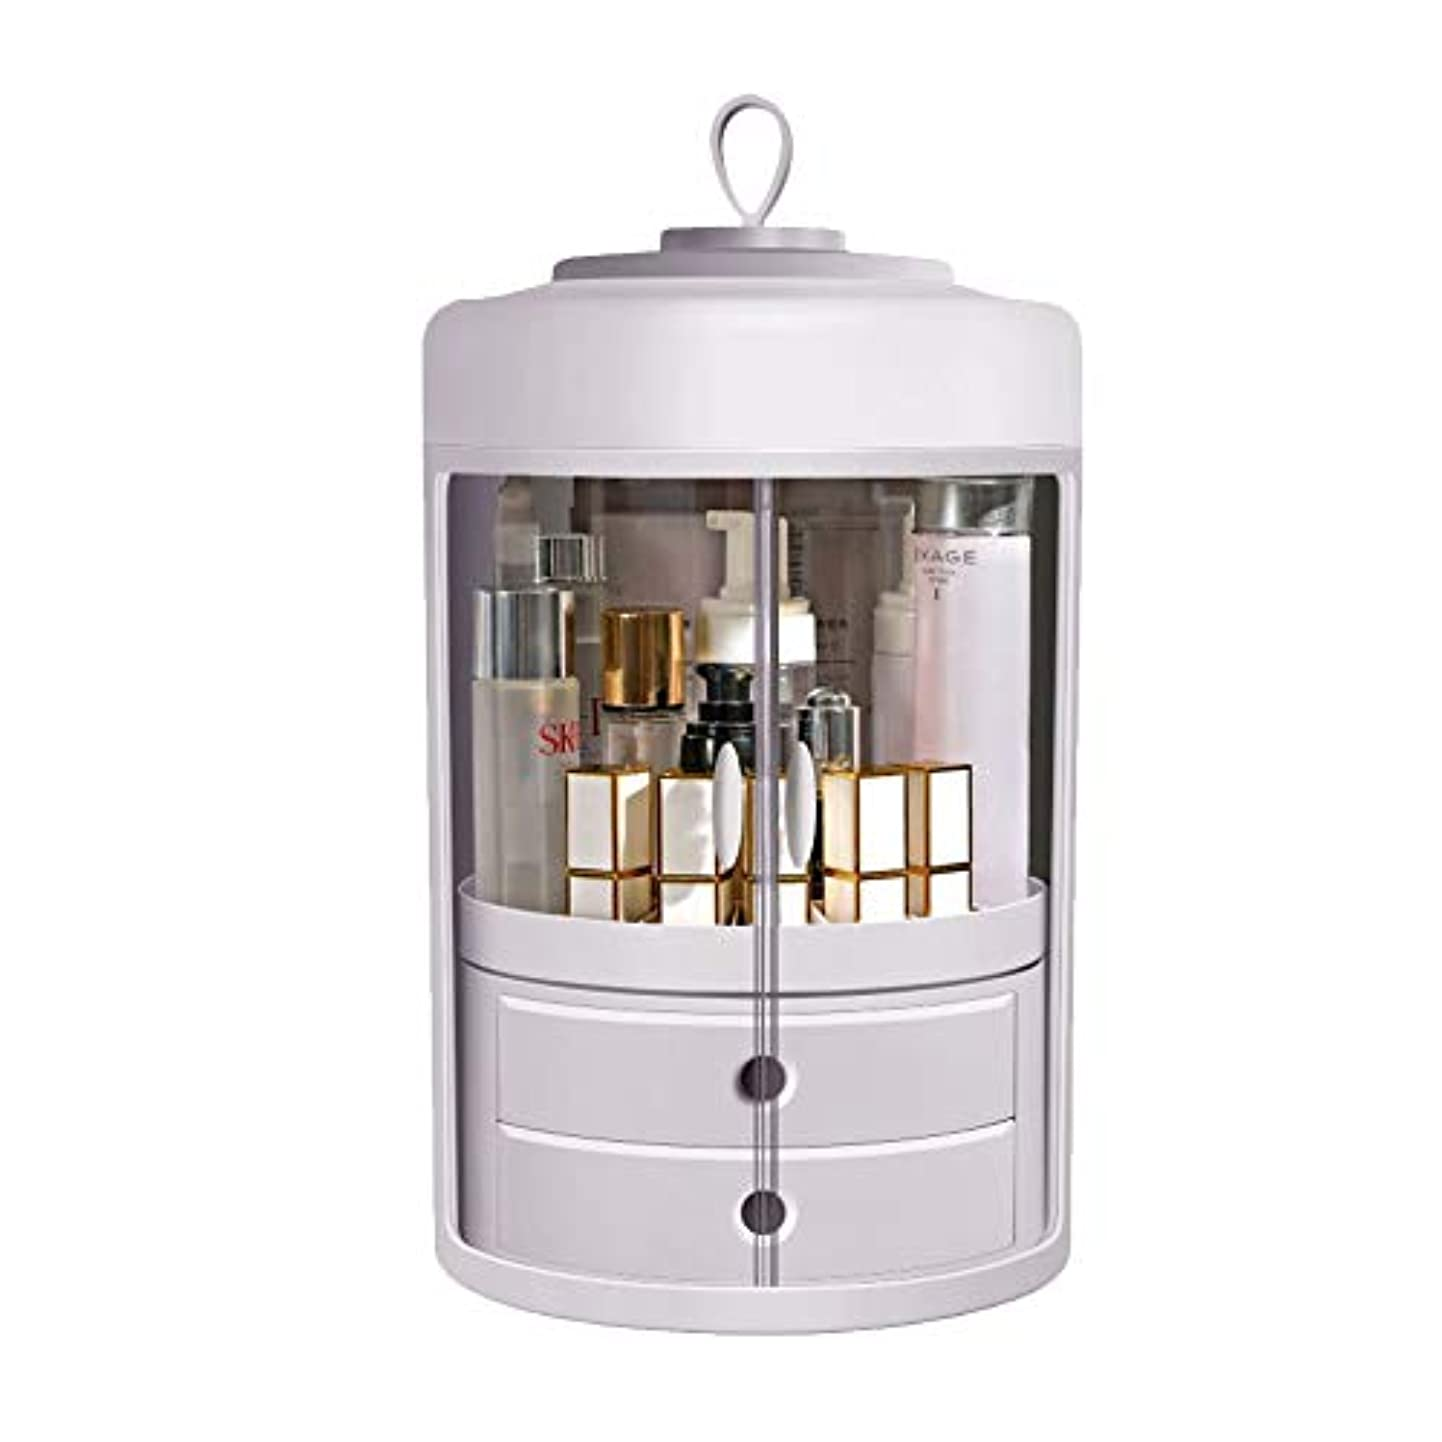 ネイティブパーティション長いです化粧品収納 コスメ収納ボックス メイクケース 360度回転 防塵 防水 取っ手付き 旅行用 化粧ケース付き 二つ引き出し 透明